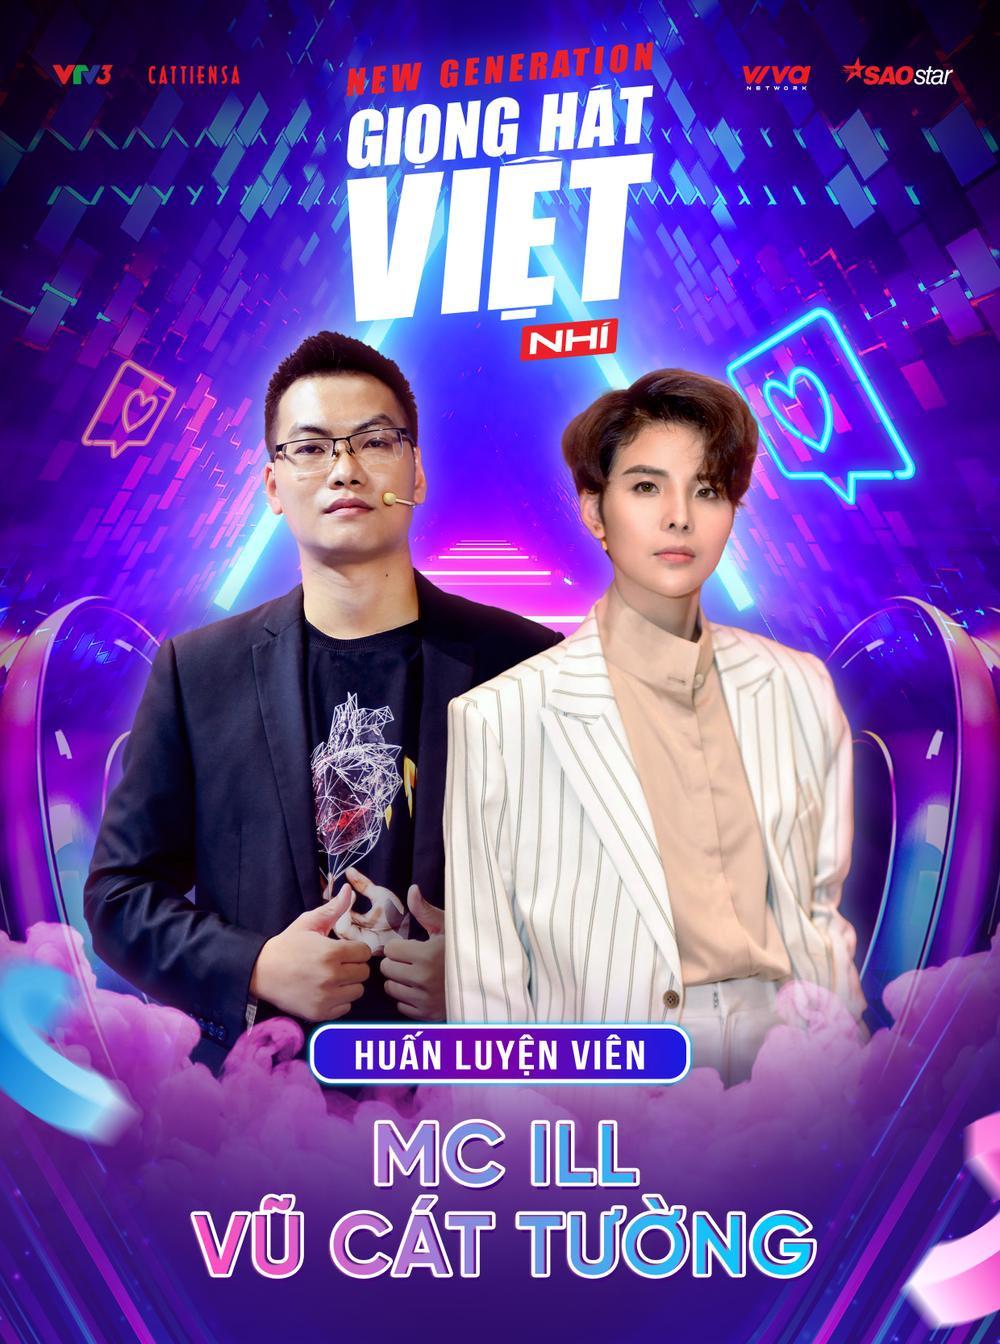 Giọng hát Việt nhí 2021 phiên bản mới công bố 6 mentor: Quá nhiều ngạc nhiên, điều gì đang xảy ra? Ảnh 8